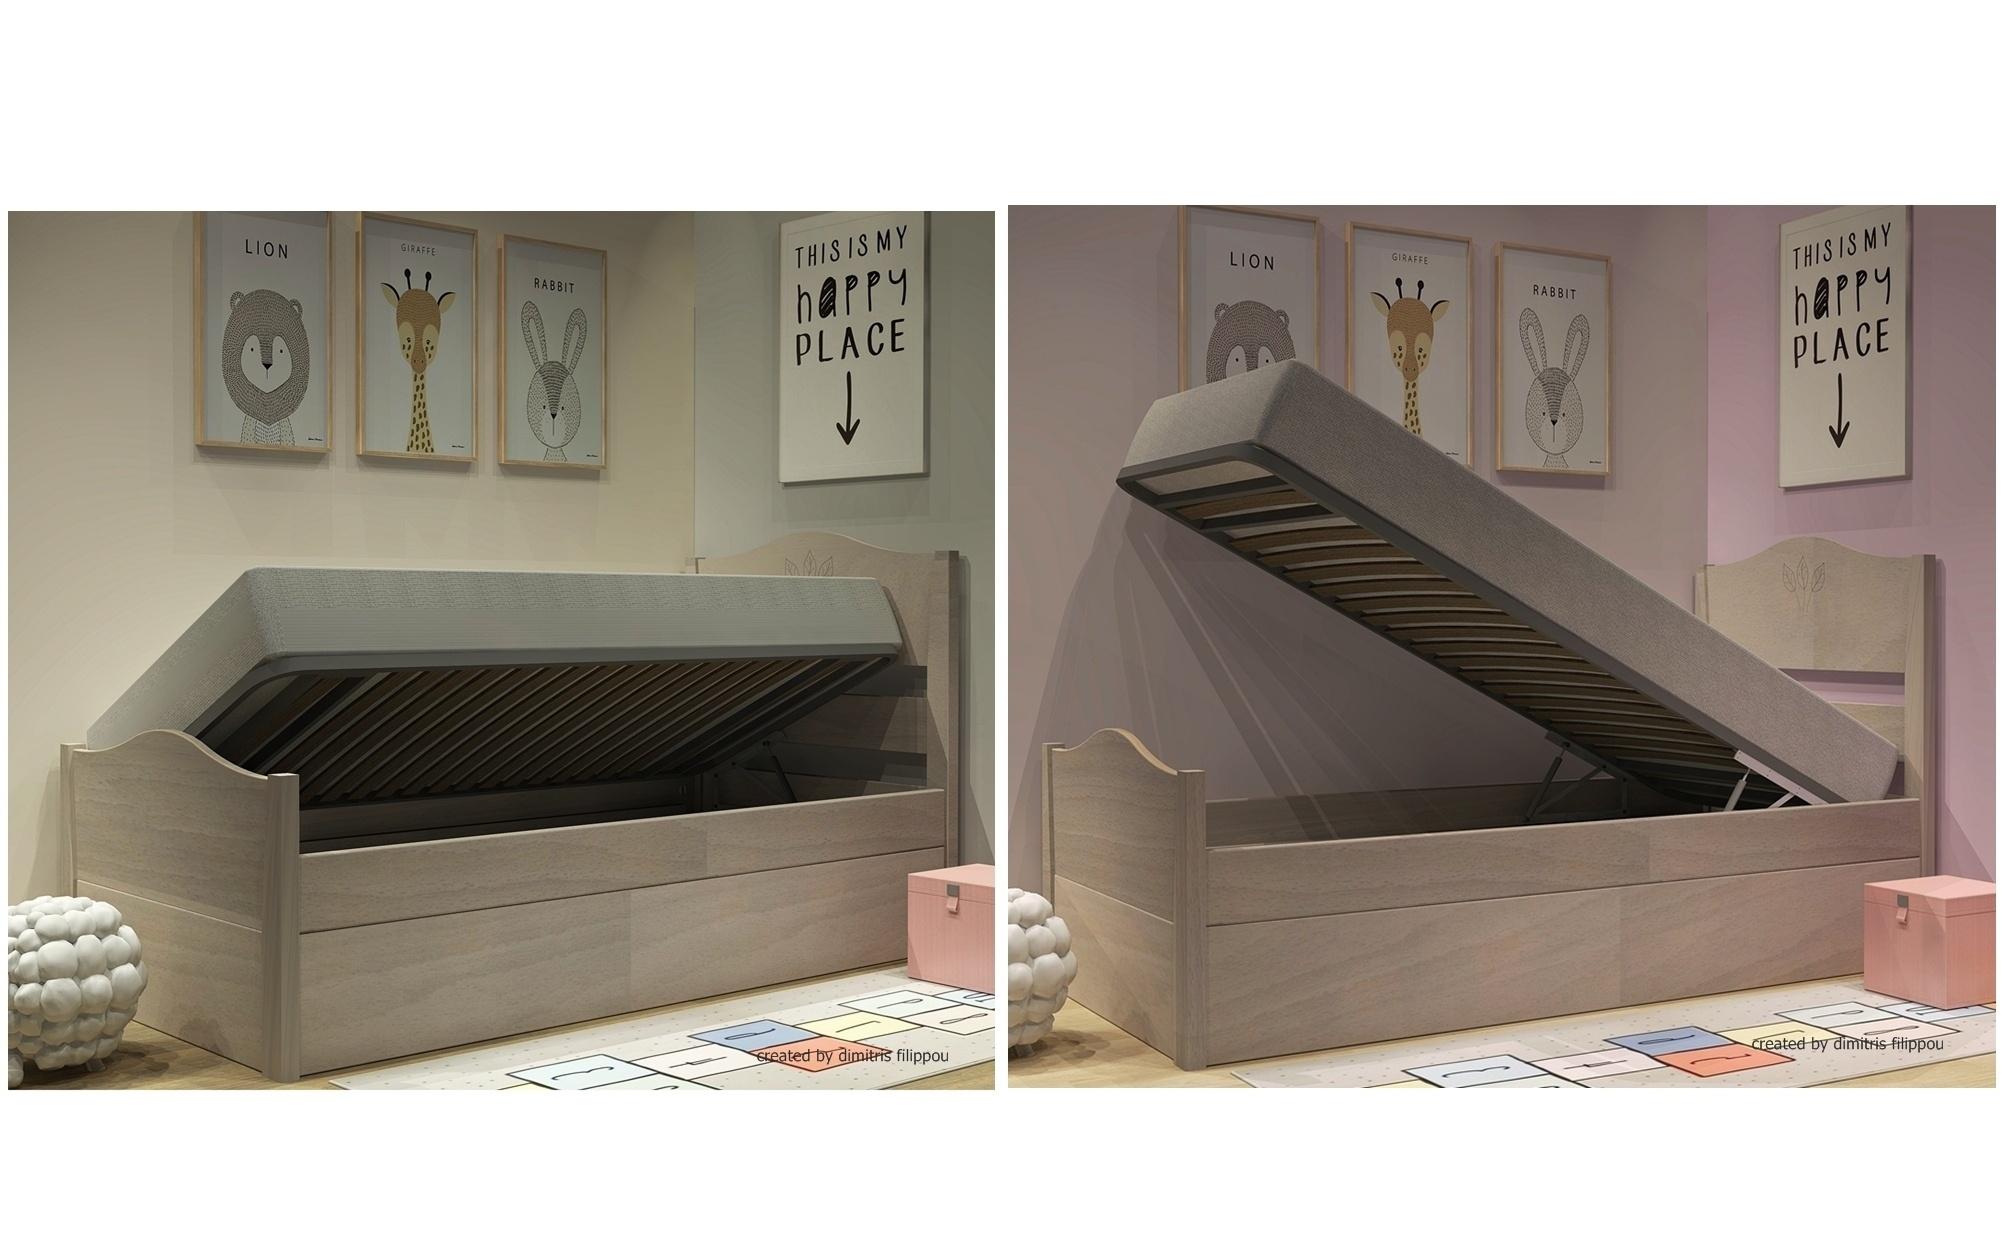 Κρεβάτι με μηχανισμό μπαούλου σειράς Filia